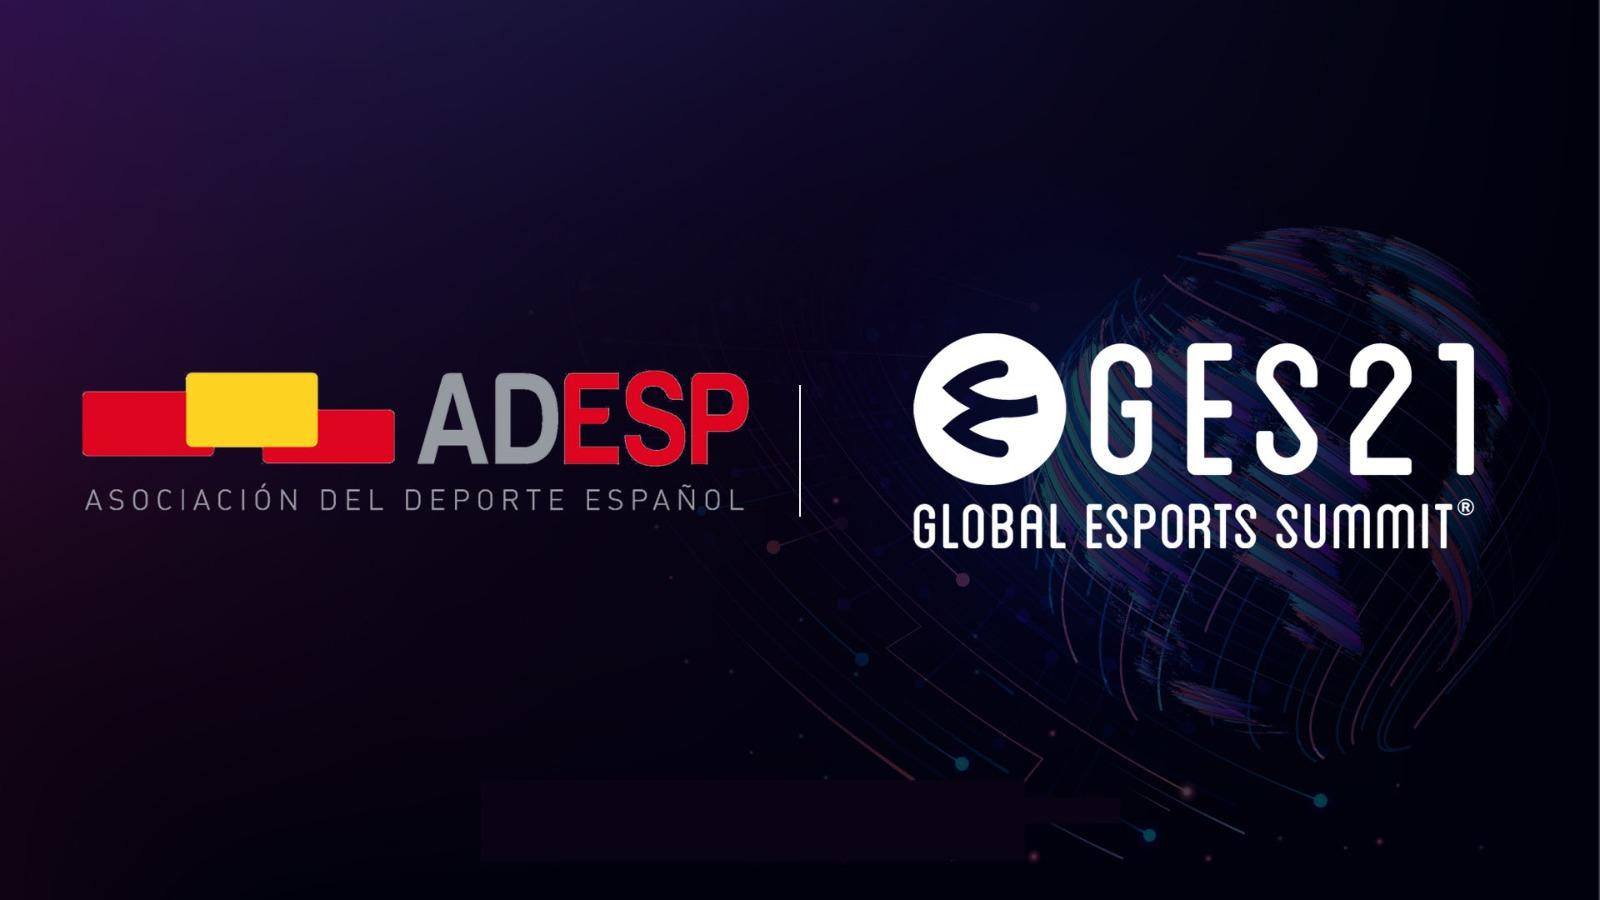 Convenio de colaboración entre ADESP y GES. El mundo del deporte tradicional se acerca a los esports.